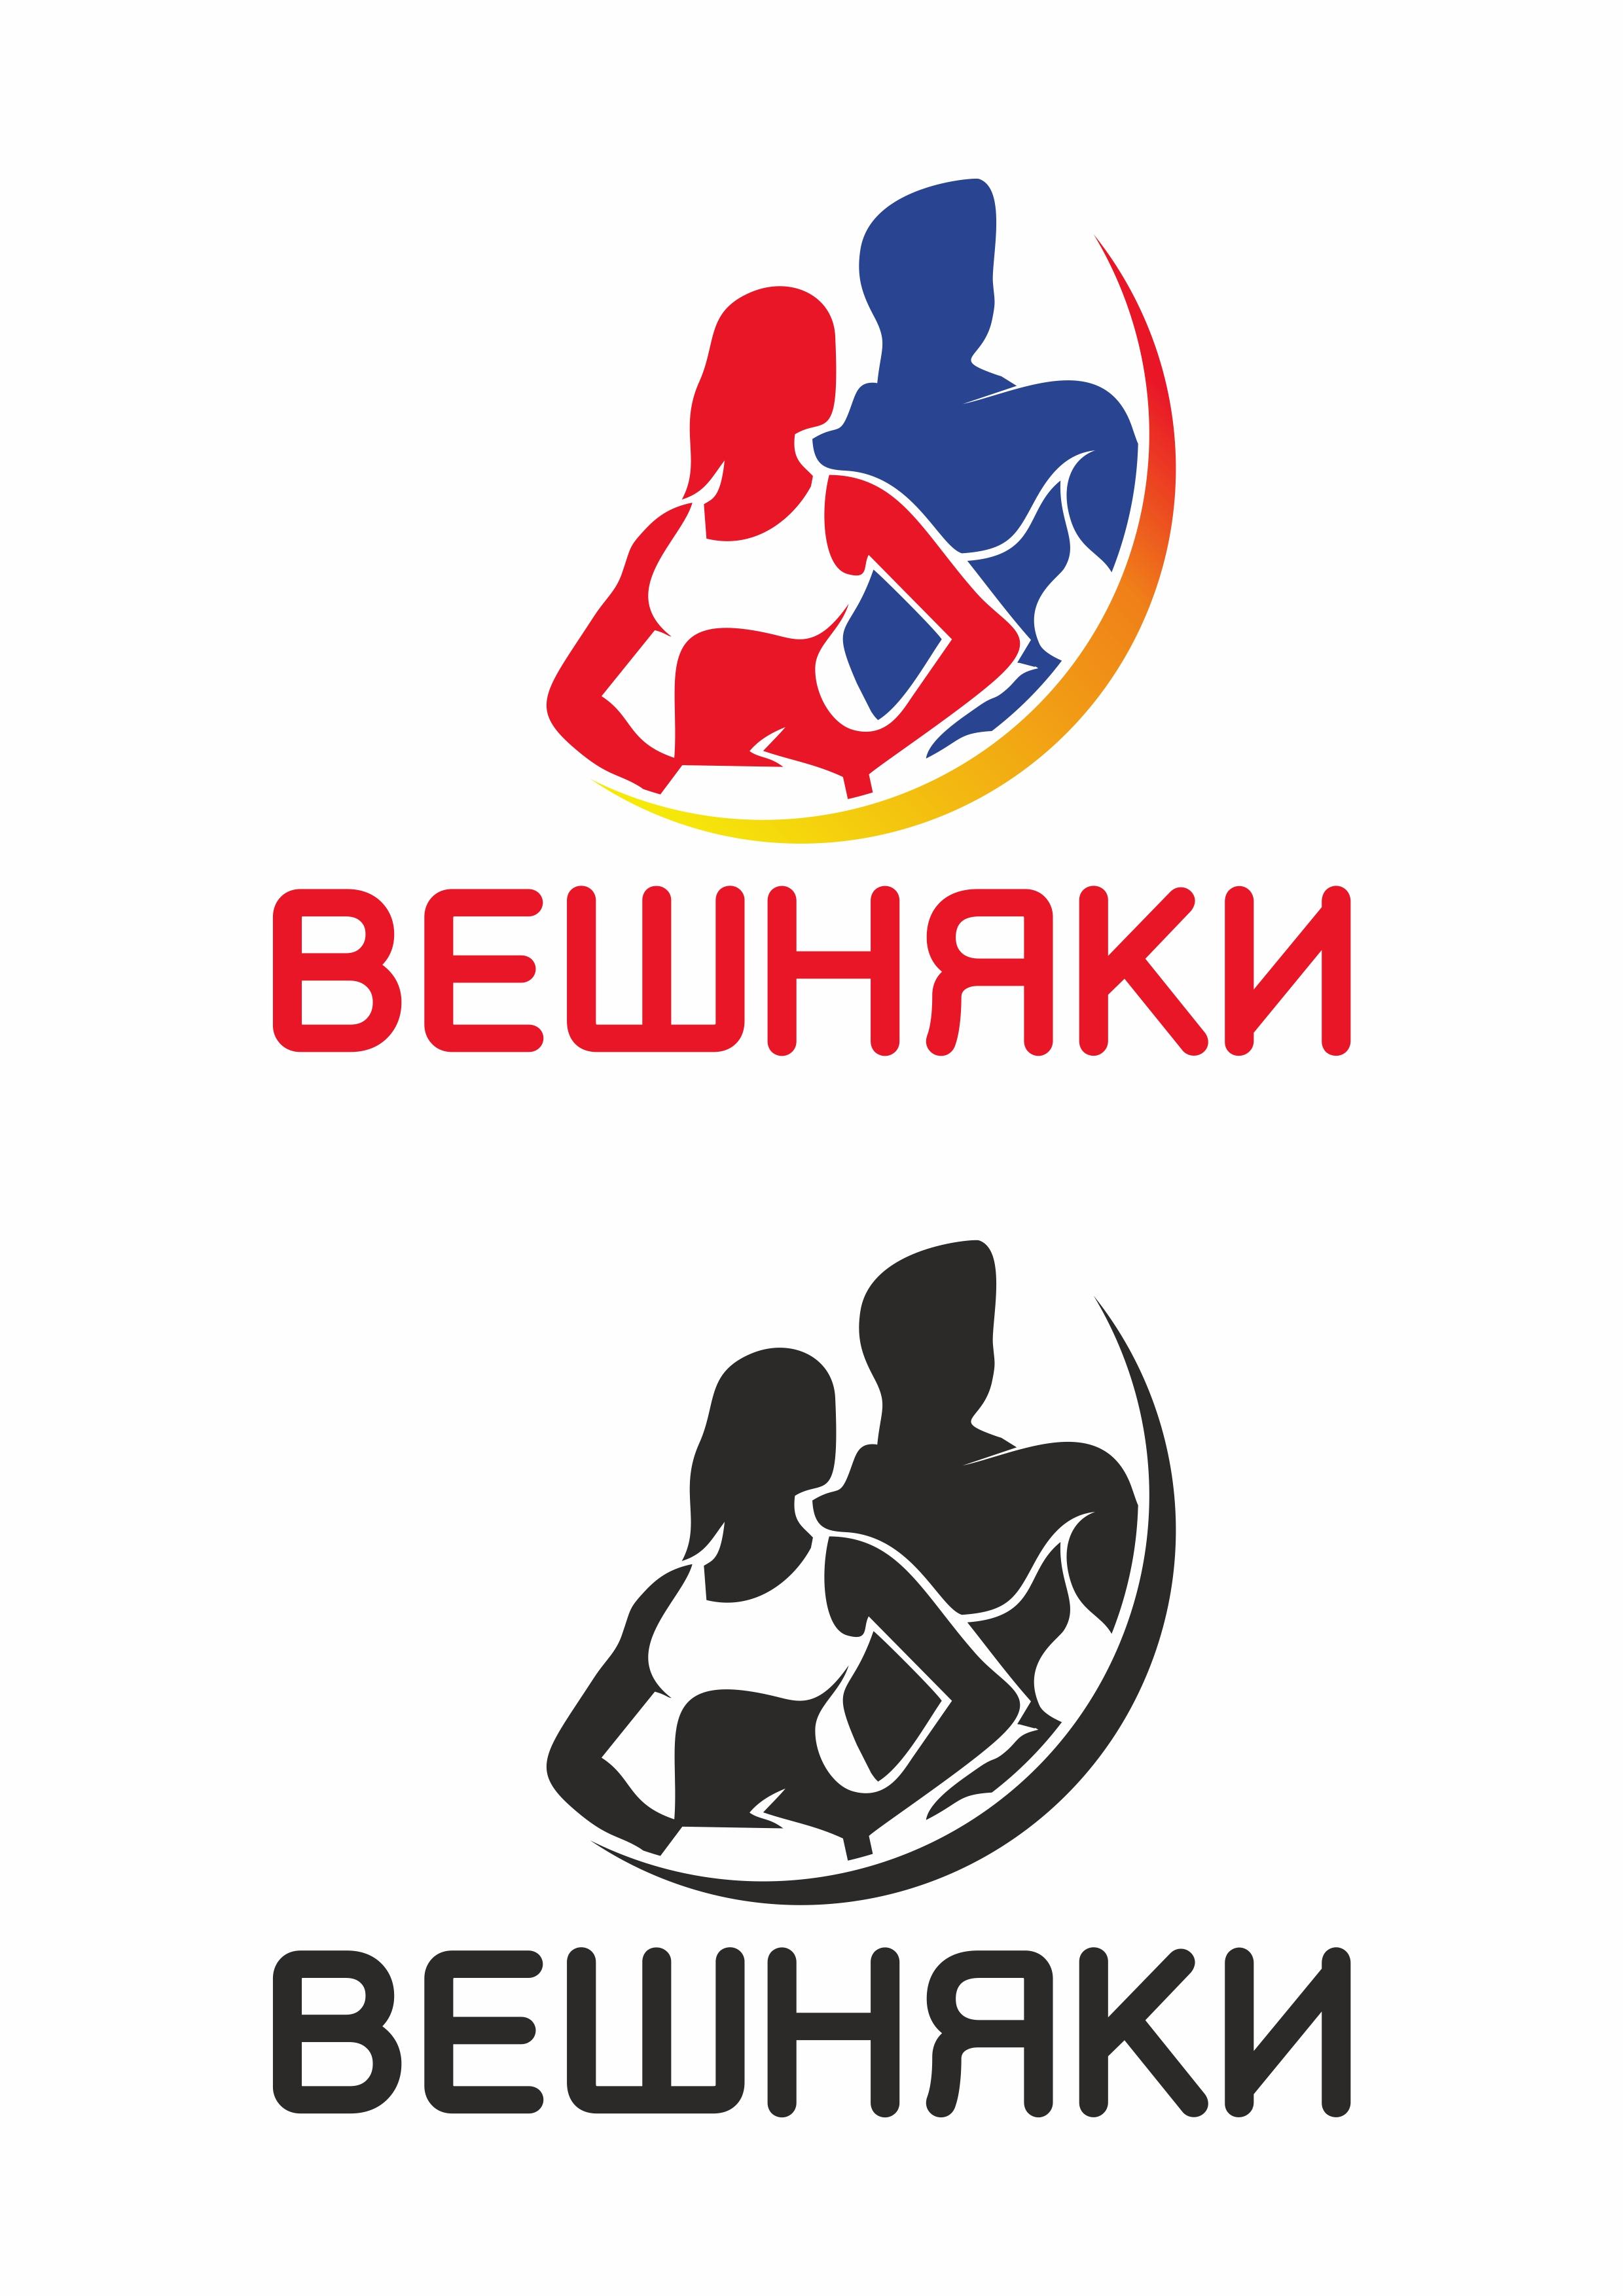 Адаптация (разработка) логотипа Силового клуба ВЕШНЯКИ в инт фото f_5905fbd0a4cde186.jpg